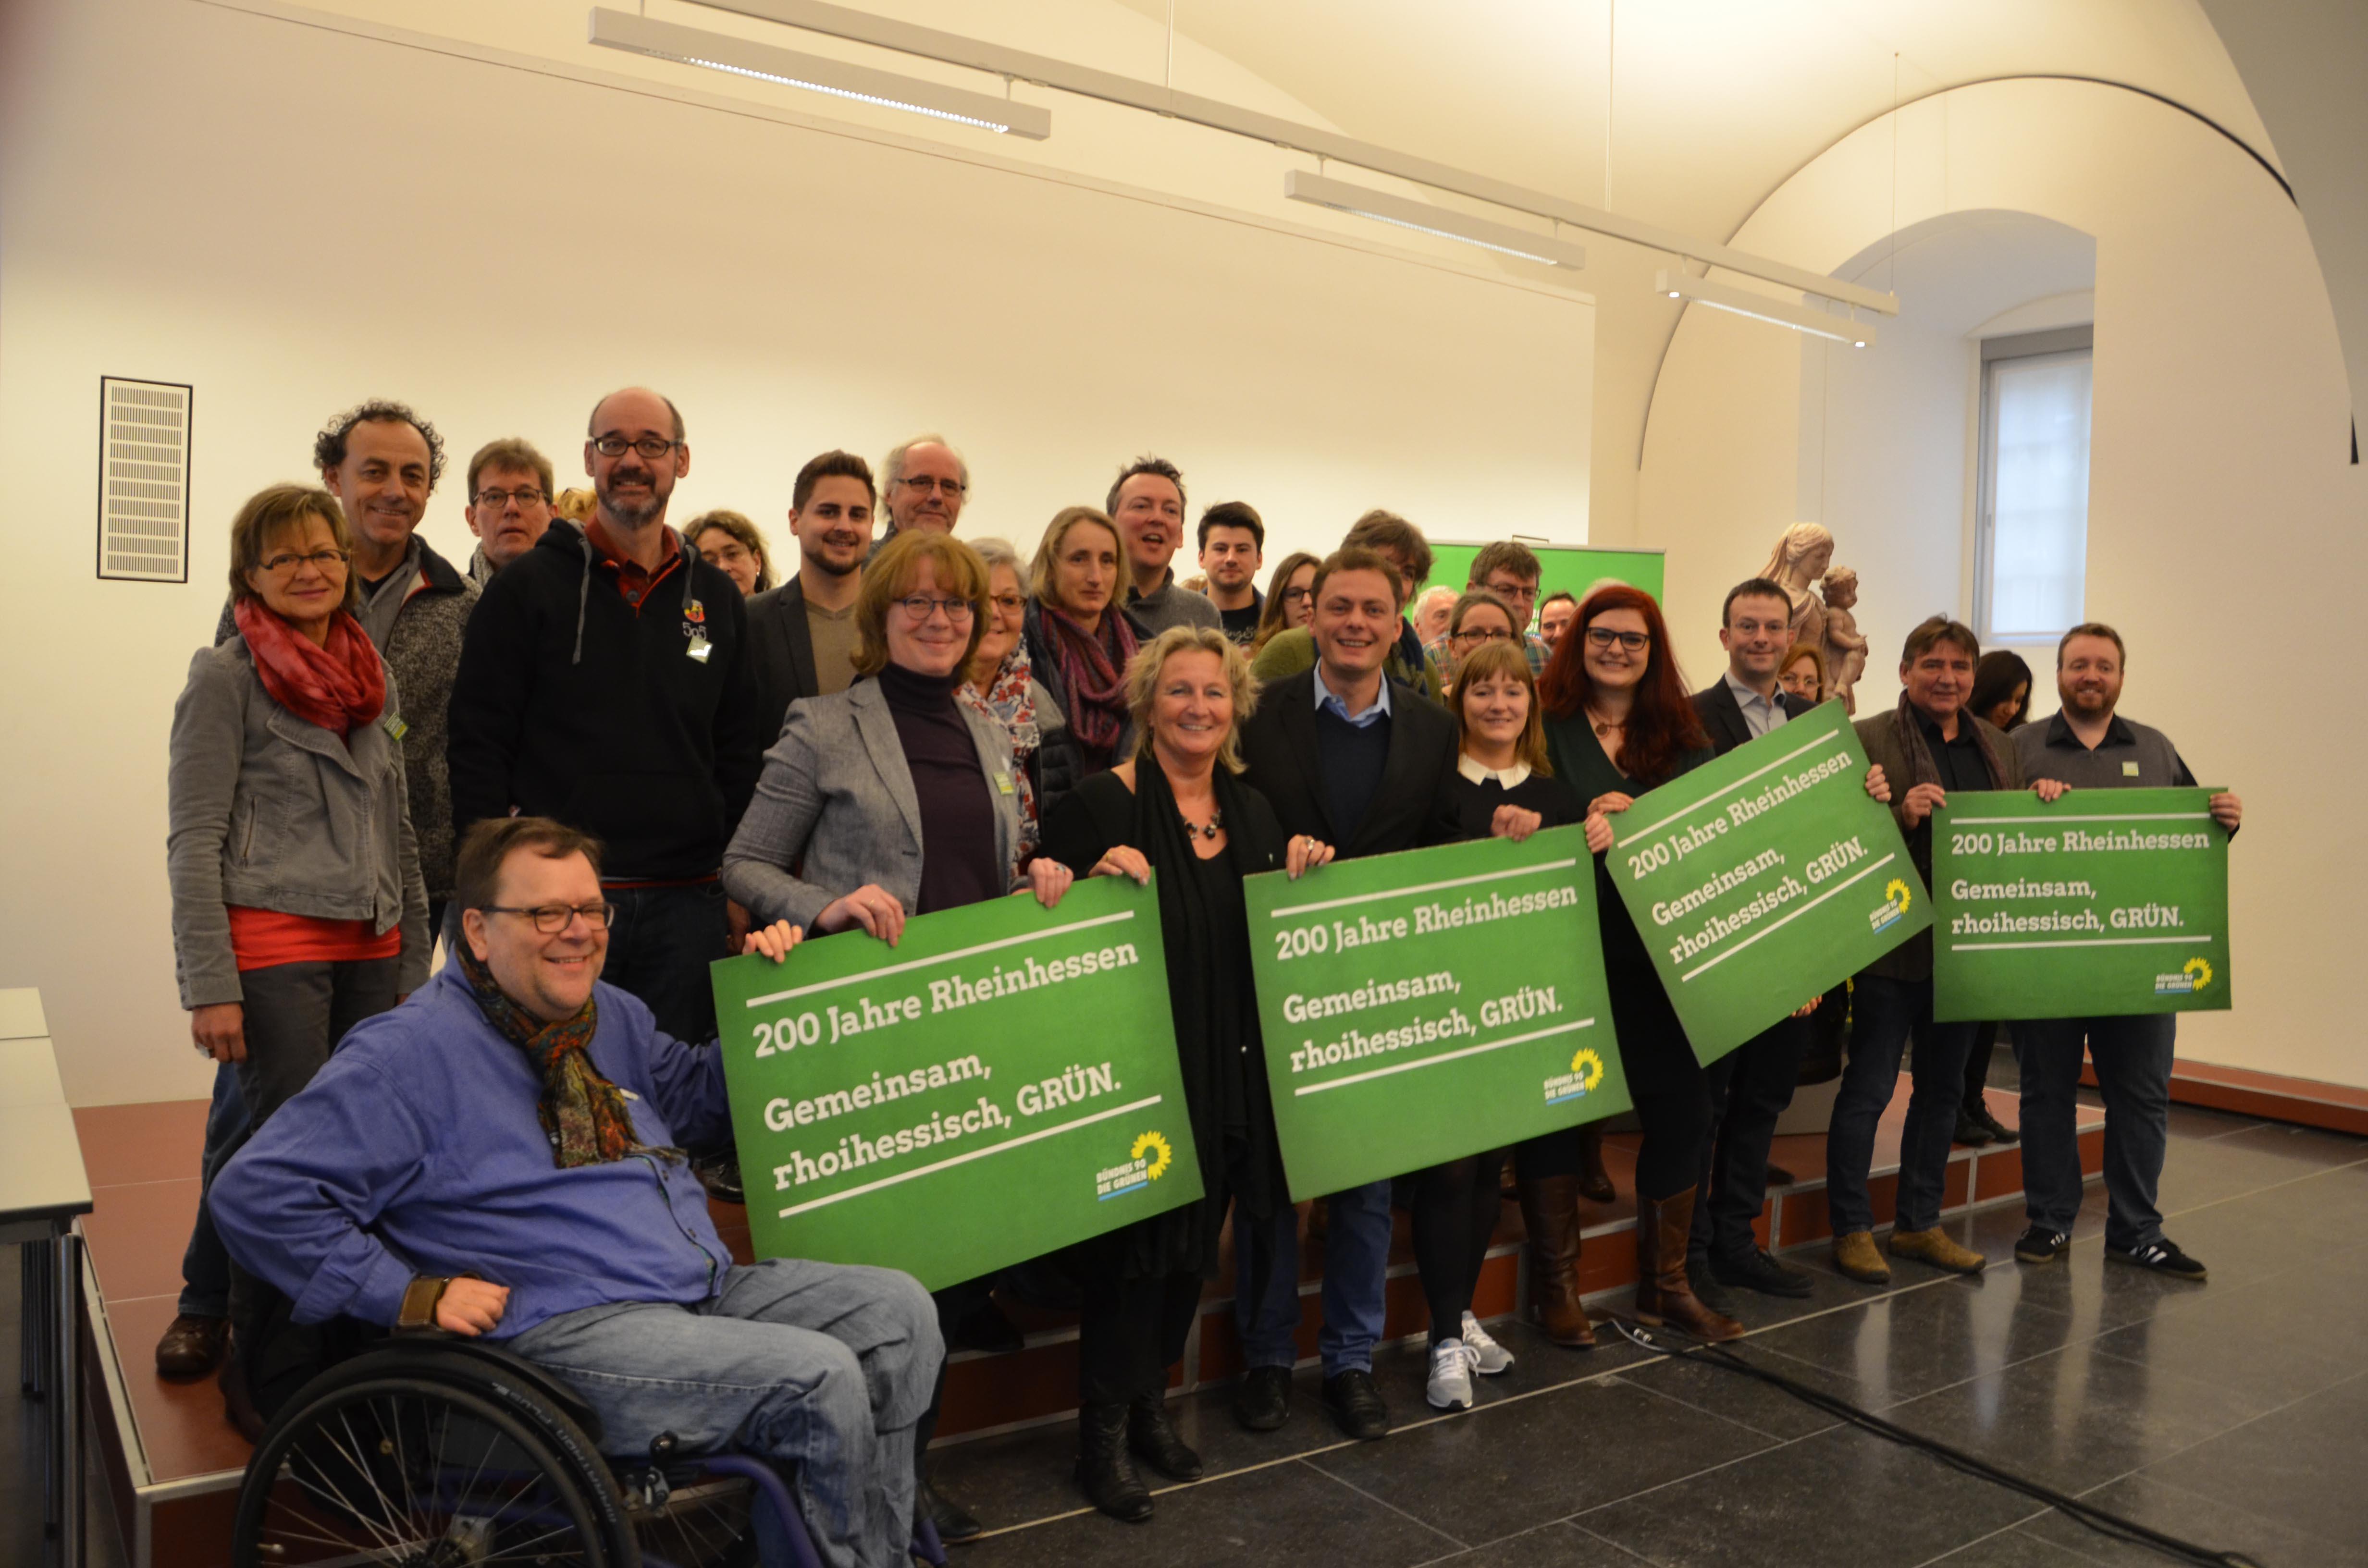 Rheinhessische GRÜNE starten gemeinsam ins Jubiläumsjahr 2016